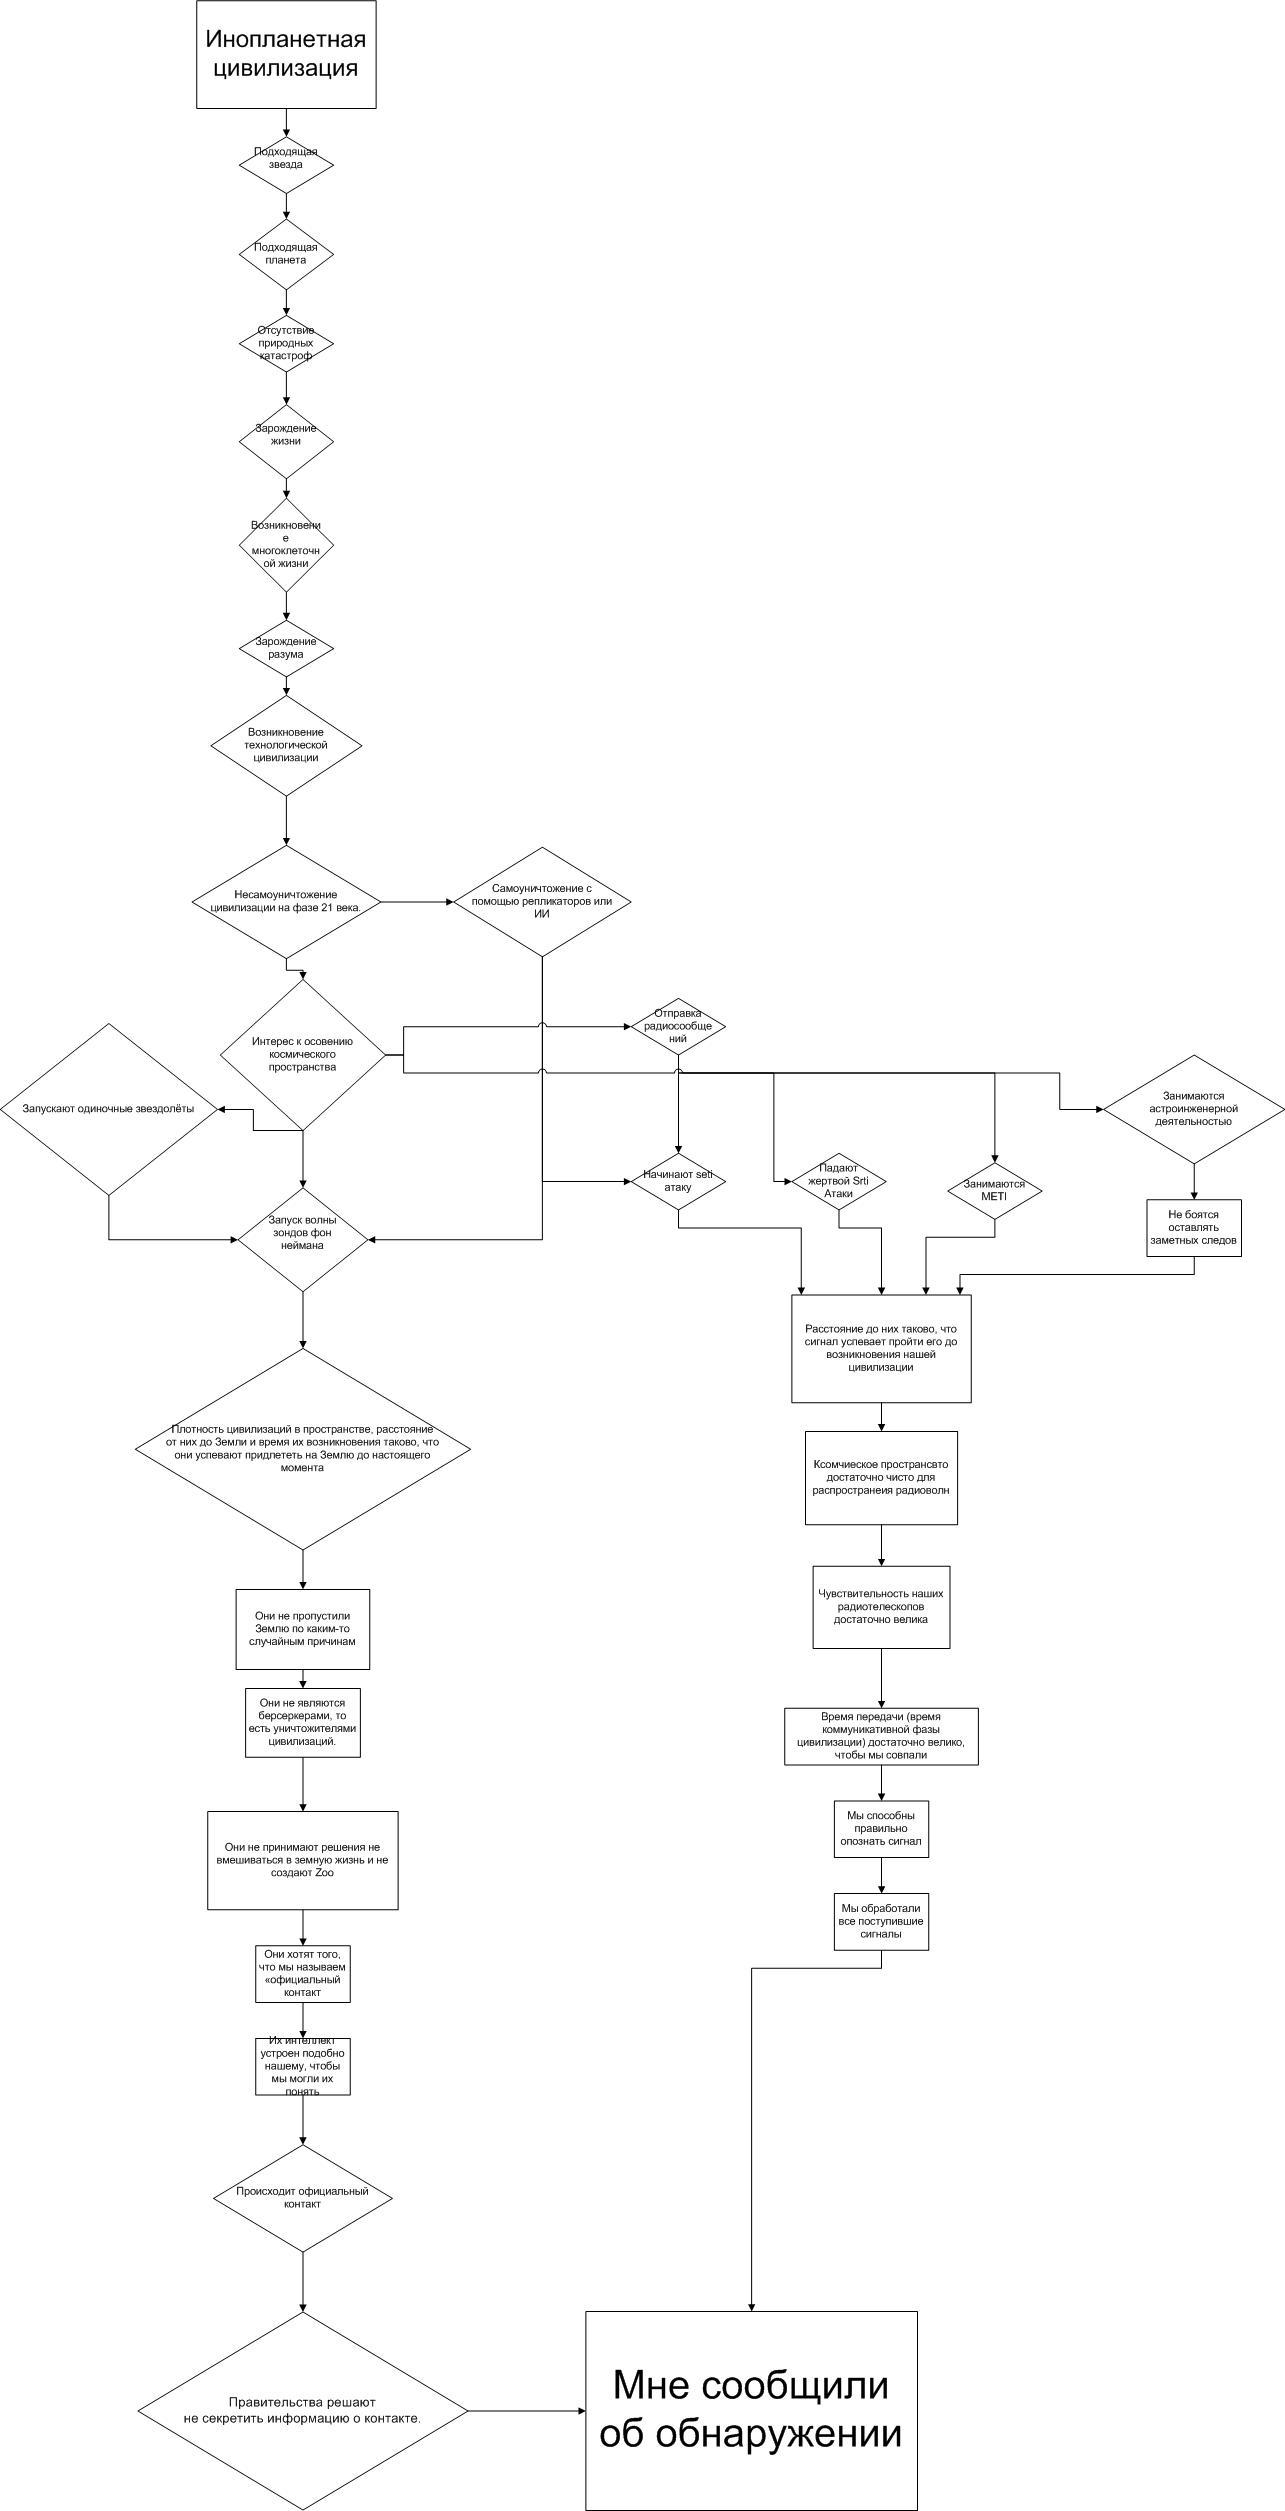 Добавить сайт гносеология создать топик как сделать красивую панель навигации на сайте